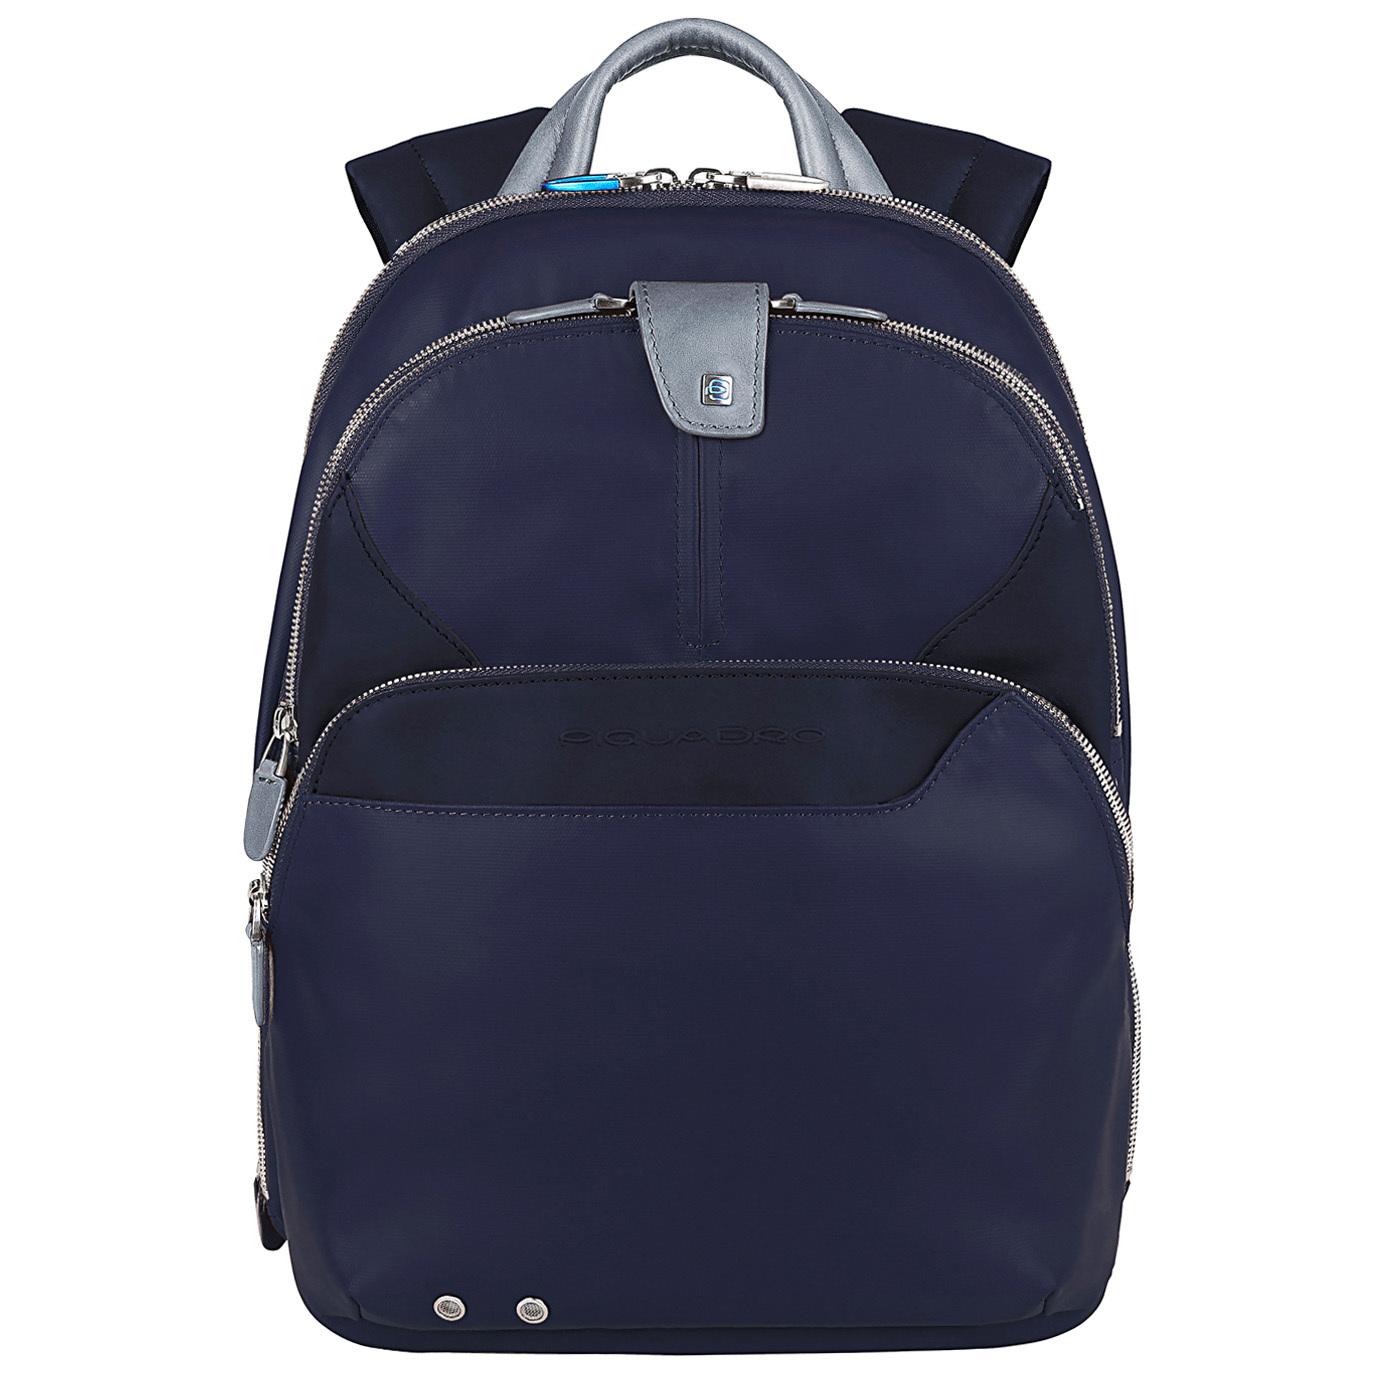 Рюкзак Piquadro Coleos, цвет синий, 27х36х14,5 см (CA2944OS/BLU2)Рюкзаки<br>Видео:Коллекция «COLEOS»от PIQUADRO.Видео: БрендPIQUADRO<br>Рюкзак Piquadro COLEOS (CA2944OS/BLU2) выполнен из качественной телячьей кожи синего цвета. Высокое качество выделки кожи делает этот рюкзак приятным на ощупь и долговечным в использовании. Разработанный дизайнерами компании для современных активных людей, он учитывает все требования нашей динамичной жизни.<br>Одно из трех отделений рюкзака Piquadro COLEOS (CA2944OS/BLU2) предназначено для Ipad / iPad®Air или ноутбука с диагональю 12''. Его внутреннее пространство очень эргономично, что позволит не беспокоится об упорядочивании мелких предметов. Внешний карман имеет выход для подключения наушников извне. Вы можете использовать свой мобильный телефон или плеер, не вынимая их из рюкзака. Рюкзак предусматривает специальное отделение для зонта. Рюкзак Piquadro COLEOS (CA2944OS/BLU2) – стильный аксессуар, удобство которого сложно переоценить.<br><br>Видео: Коллекция «COLEOS» от PIQUADRO<br><br>Видео:БрендPIQUADRO<br>